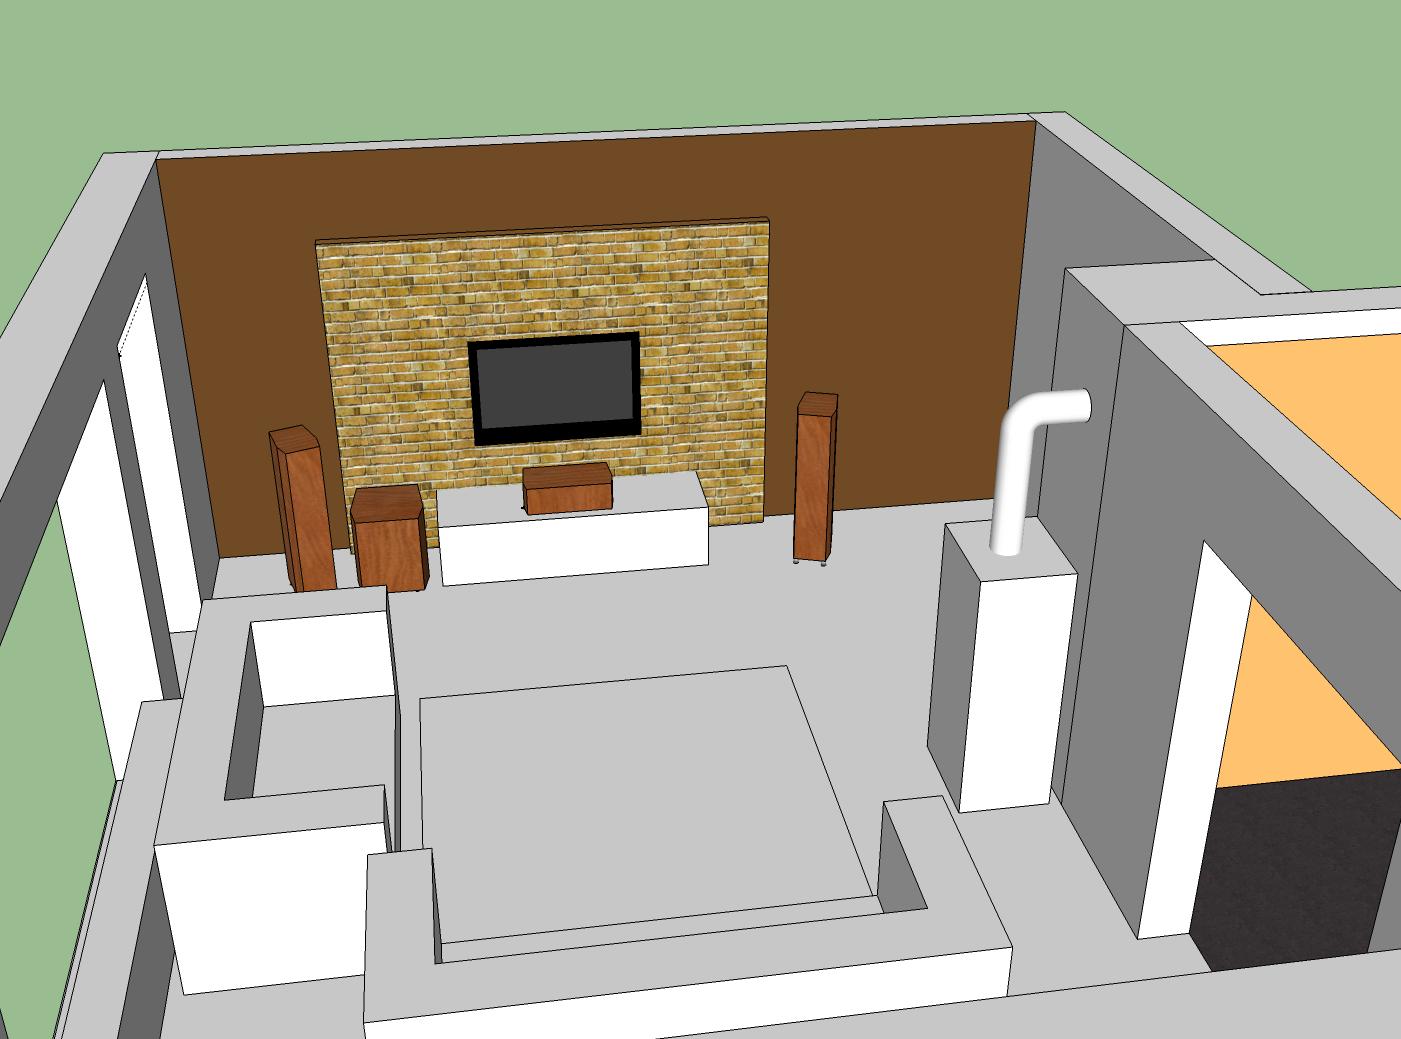 Steinwand beige wohnzimmer - Ikea mobel namen ...